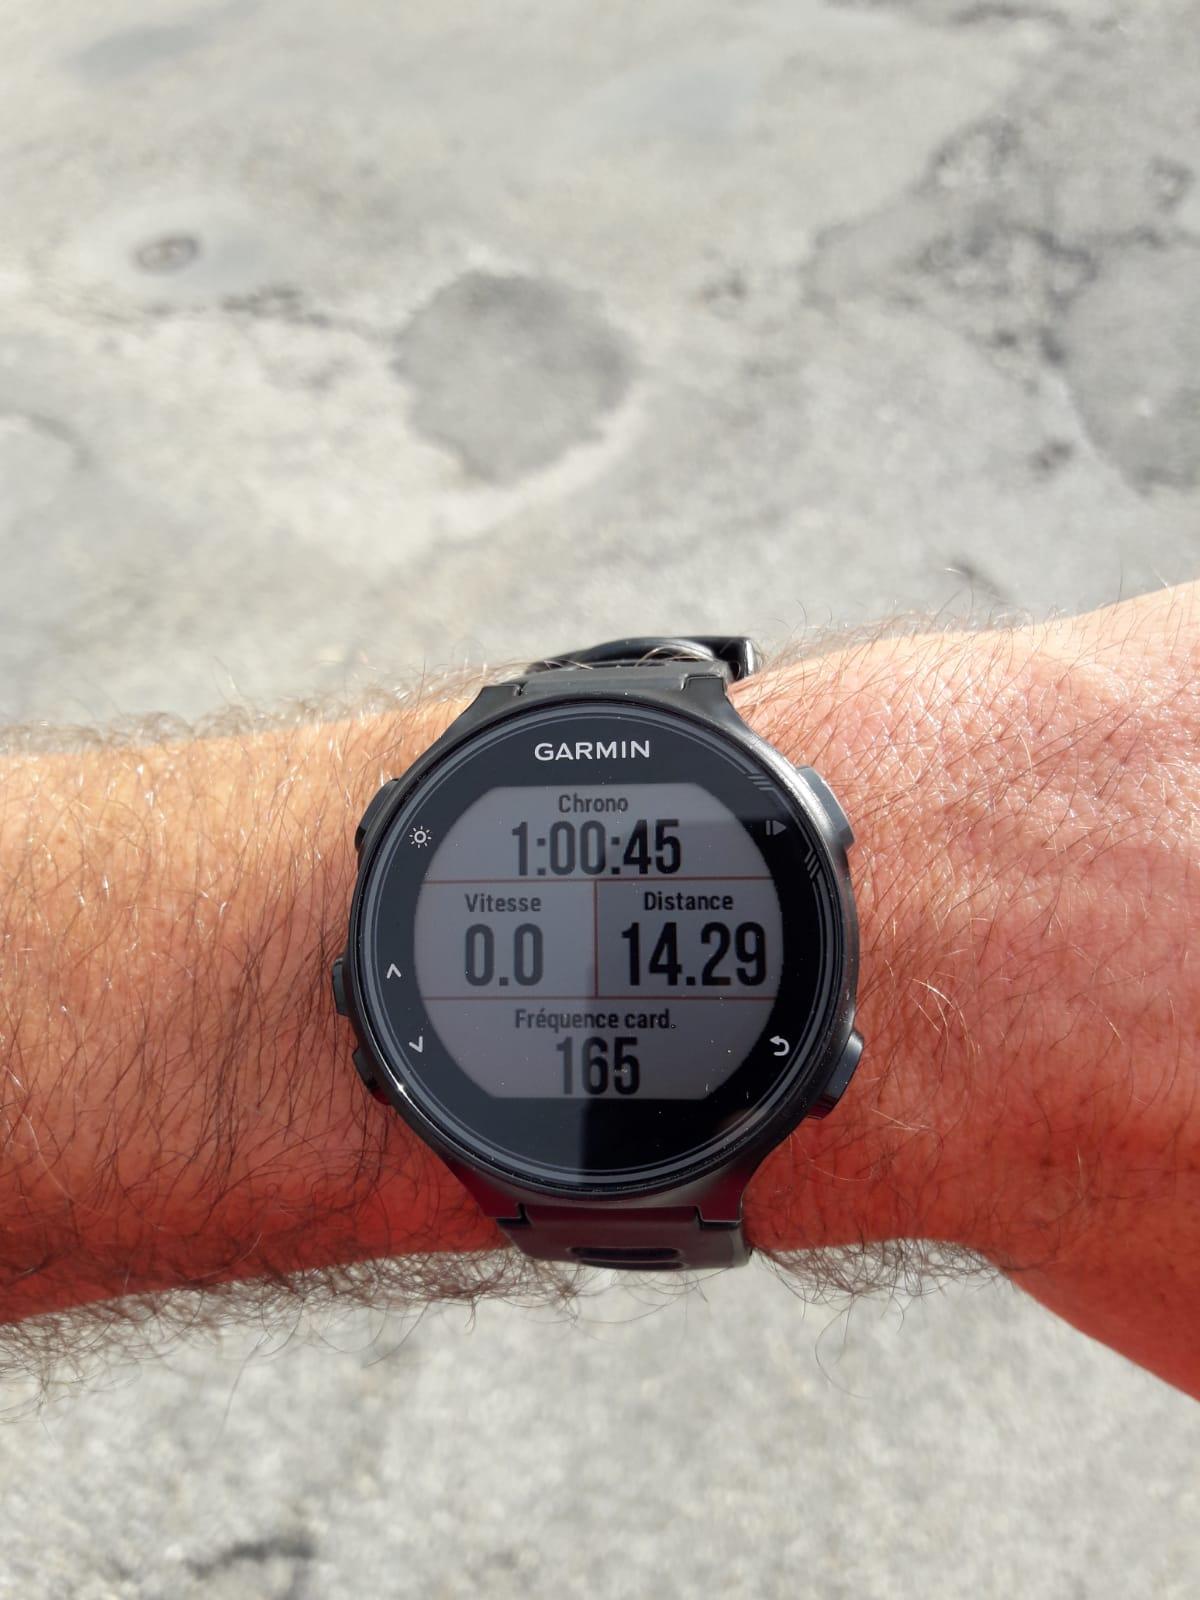 24-Seb' M a fini son 1h de running à plus de 14km/h